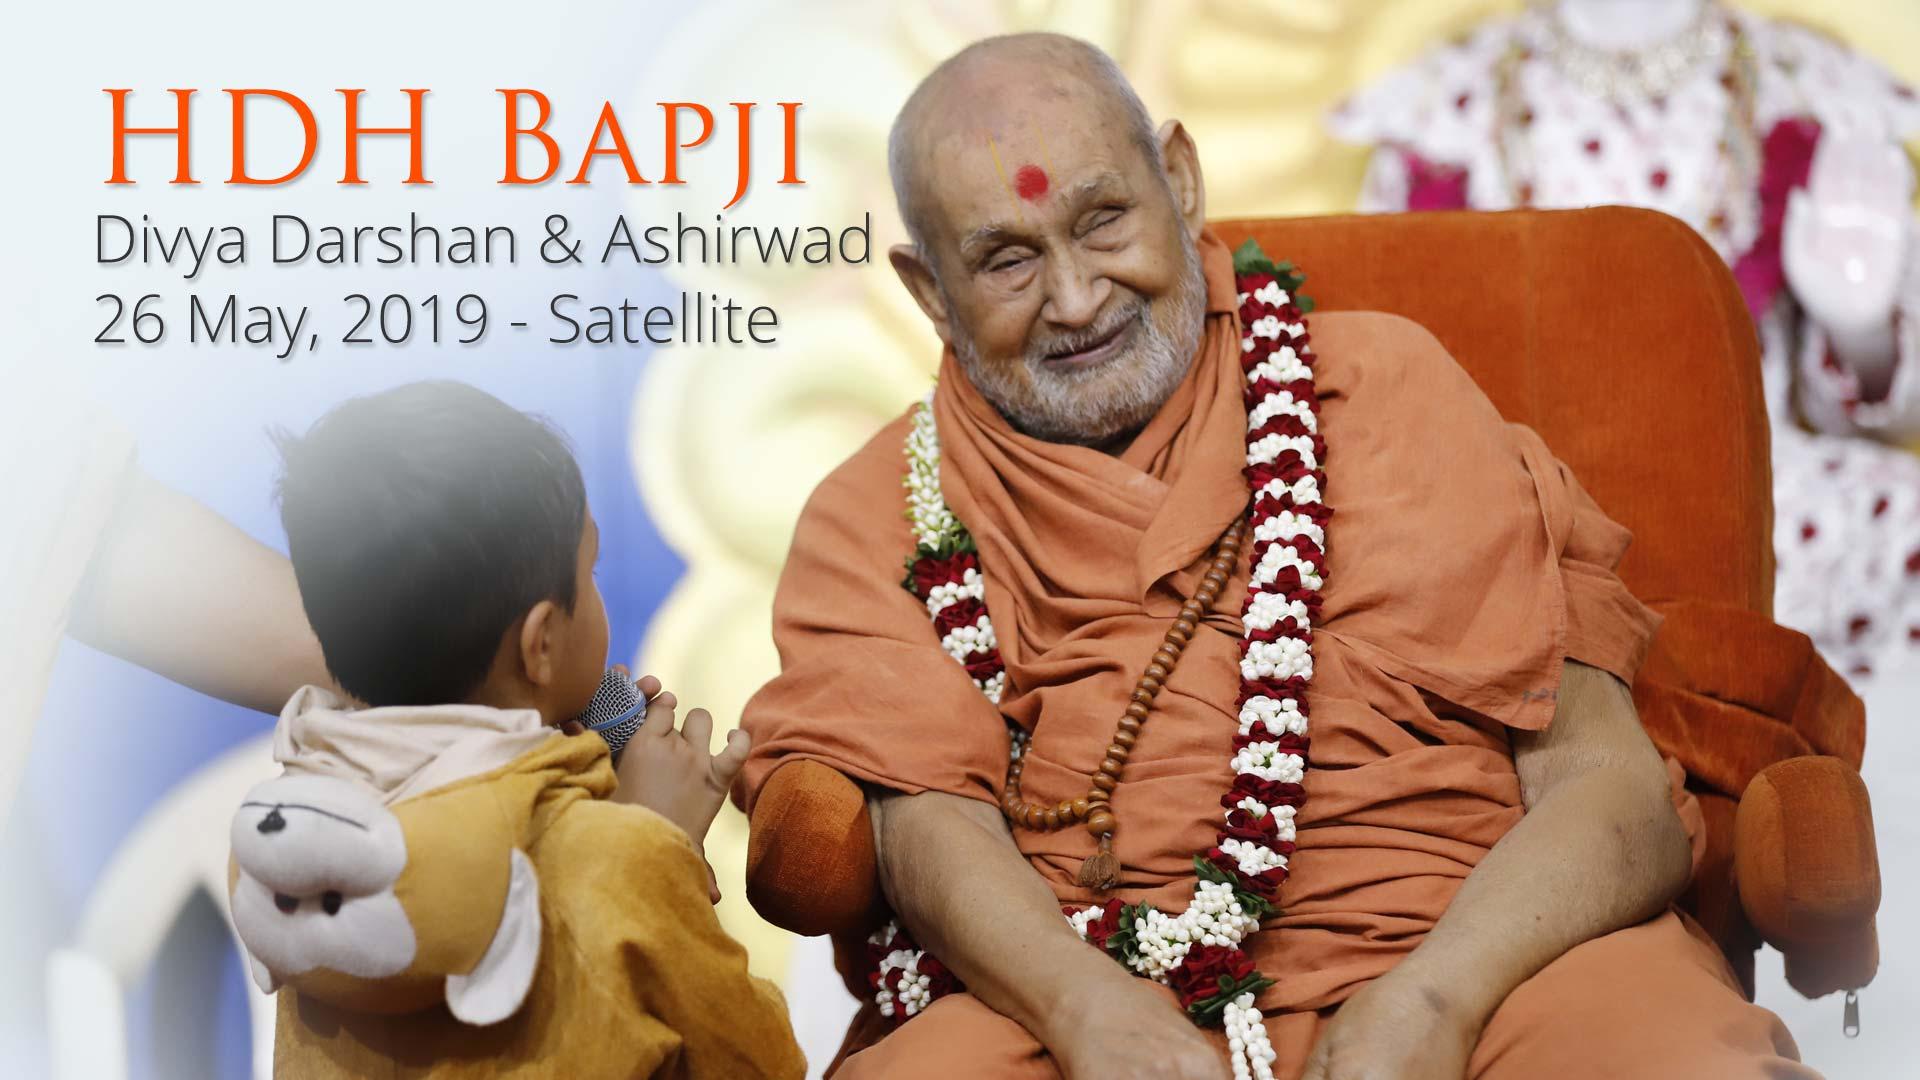 HDH Bapji Divya Darshan-Ashirwad | Satellite | 26 May, 2019